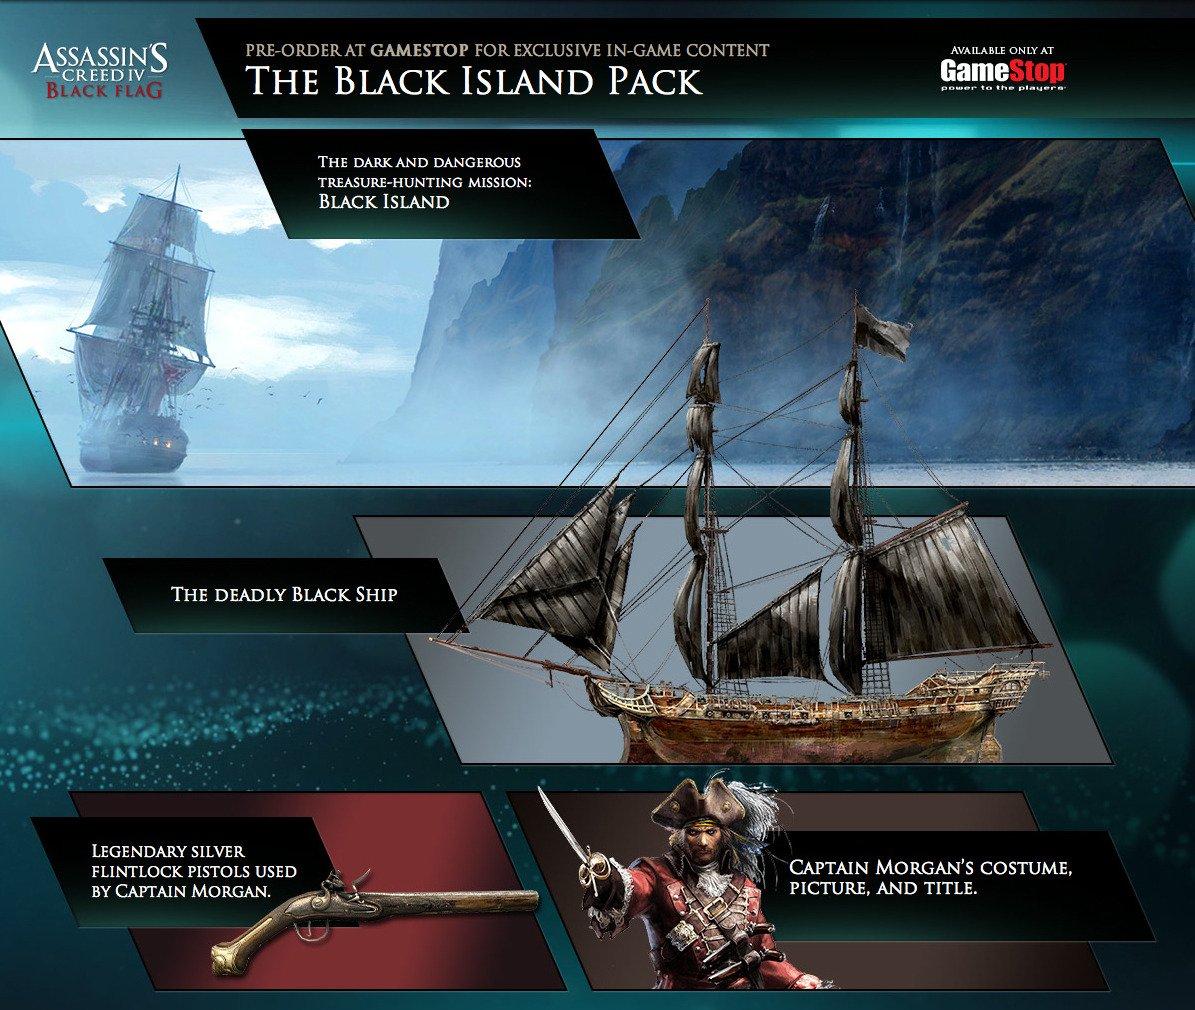 Компания Ubisoft рассказала о бонусах предварительного заказа игры Assassin's Creed 4: Black Flag, которые будут дос ... - Изображение 1